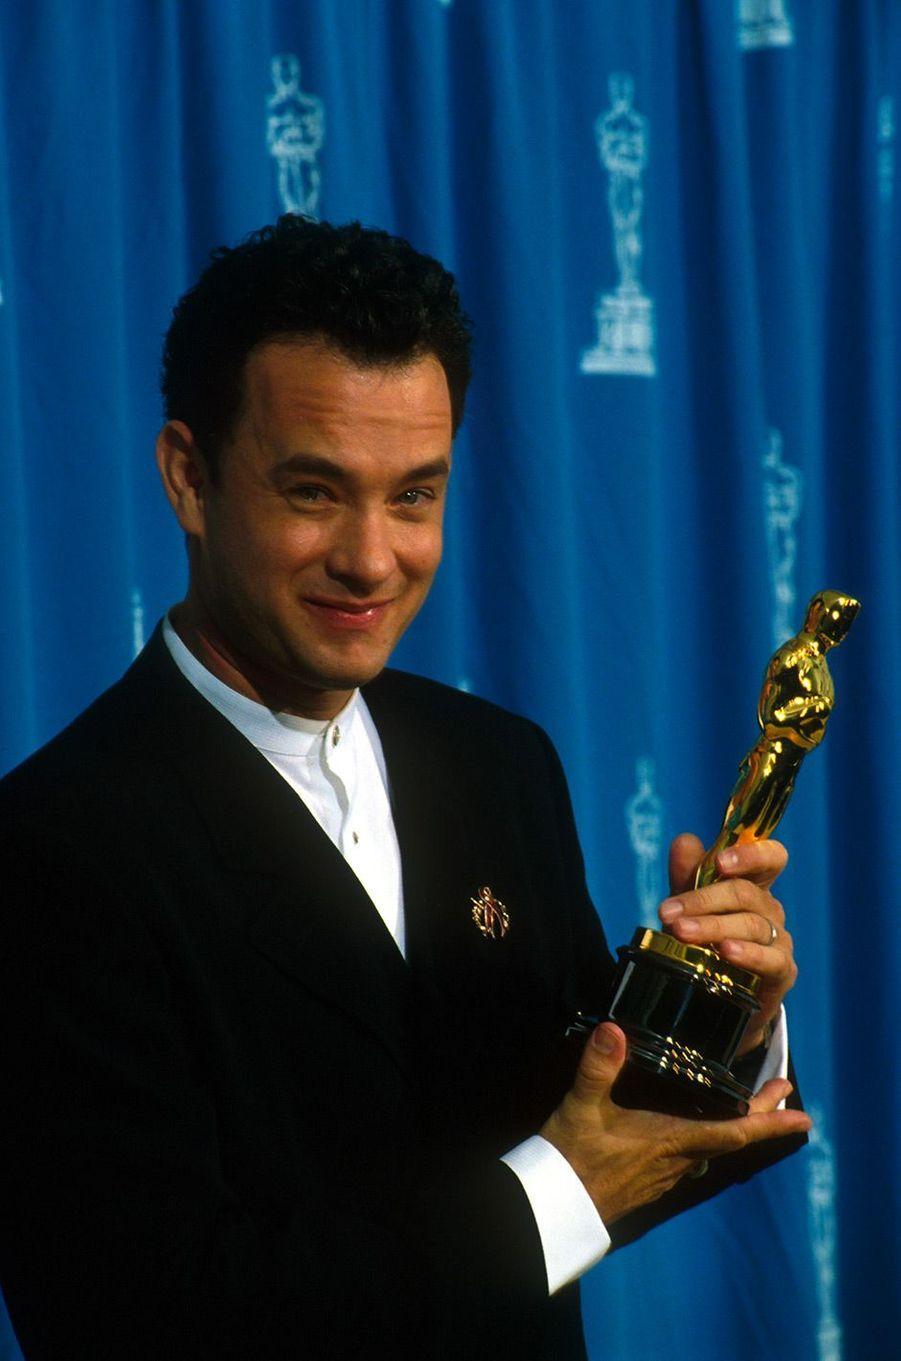 """67ème cérémonie des Oscars (1995)En 1994, Tom Hanks a reçu l'Oscar du meilleur acteur pour son rôle dans """"Philadelphia"""", de Jonathan Demme. L'année suivante, il est de nouveau nommé, pour """"Forrest Gump"""", de Robert Zemeckis. Et il l'emporte. En 1999, il est encore nommé, pour le film """"Il faut sauver le soldat Ryan"""", de Steven Spielberg, mais c'est Roberto Benigni qui l'emporte.(Photo : Tom Hanks sacré meilleur acteur pour la deuxième année consécutive, Oscars 1995)"""